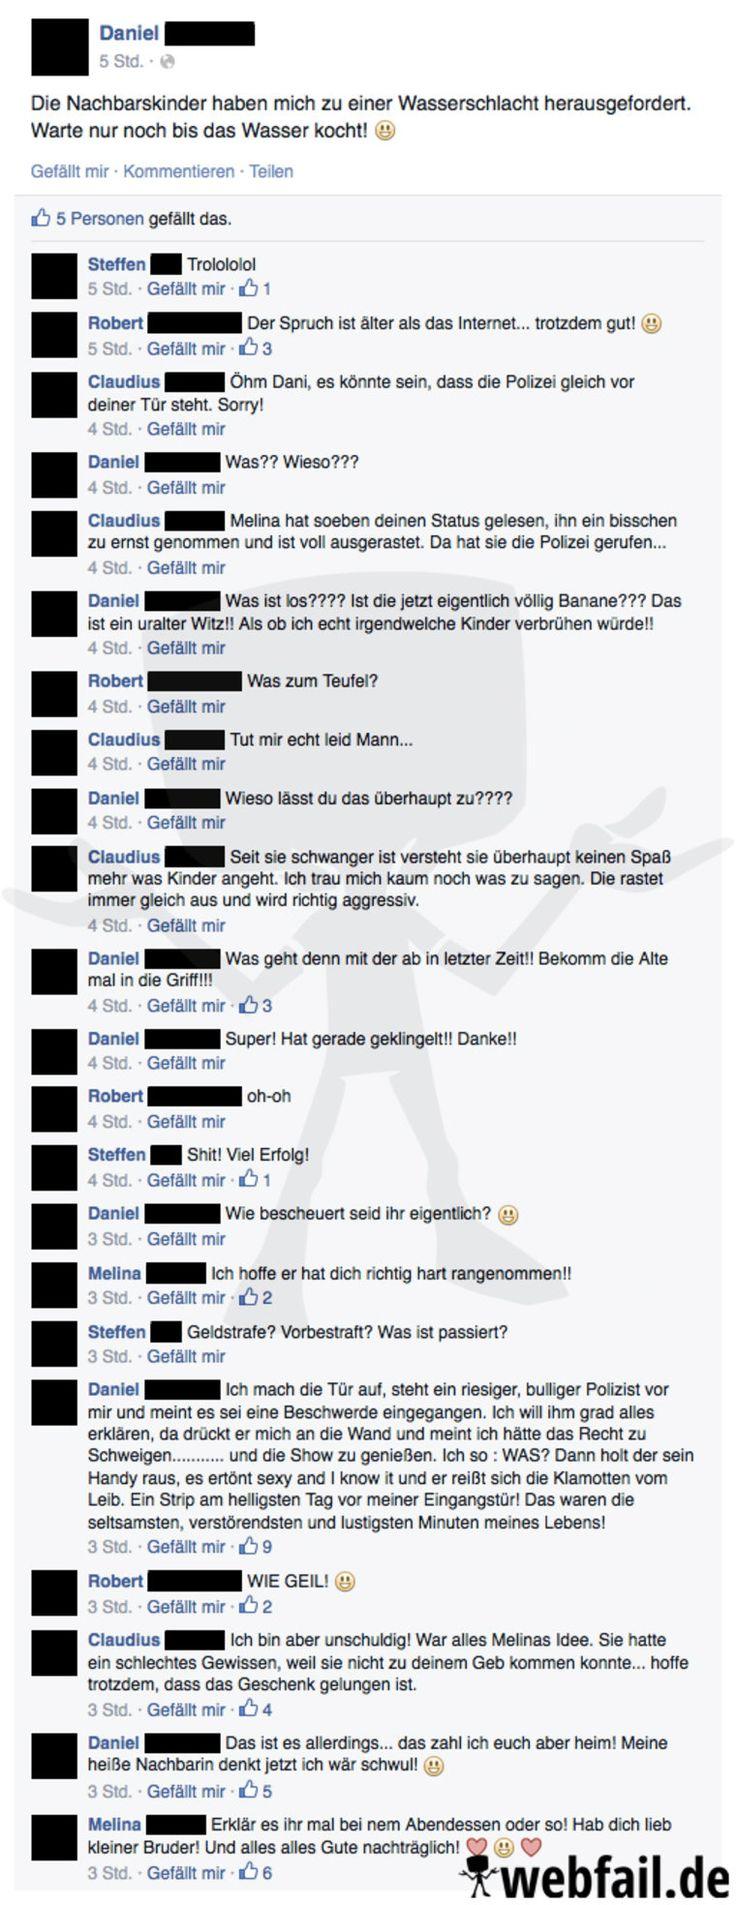 (2) Facebook-Fails: Bitte, lass diese Facebook-Nachrichten Fake sein - watson